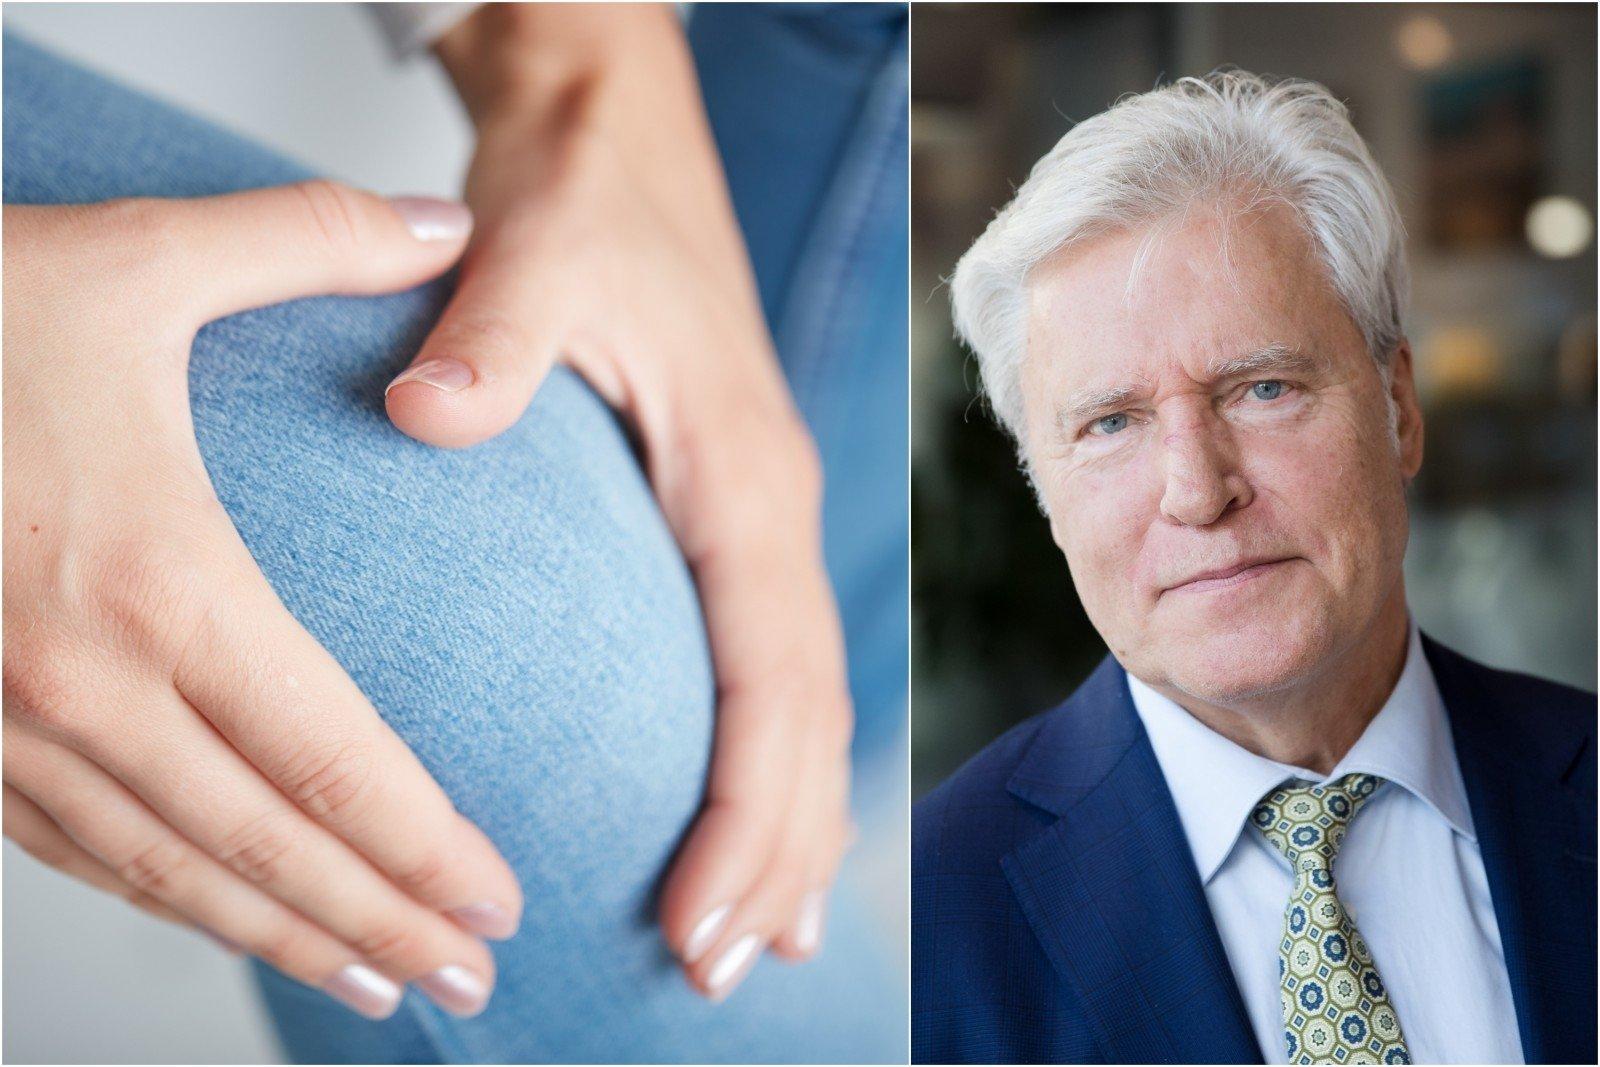 kaip gydyti artritą liaudies gynimo skausmo gydymui sąnarių